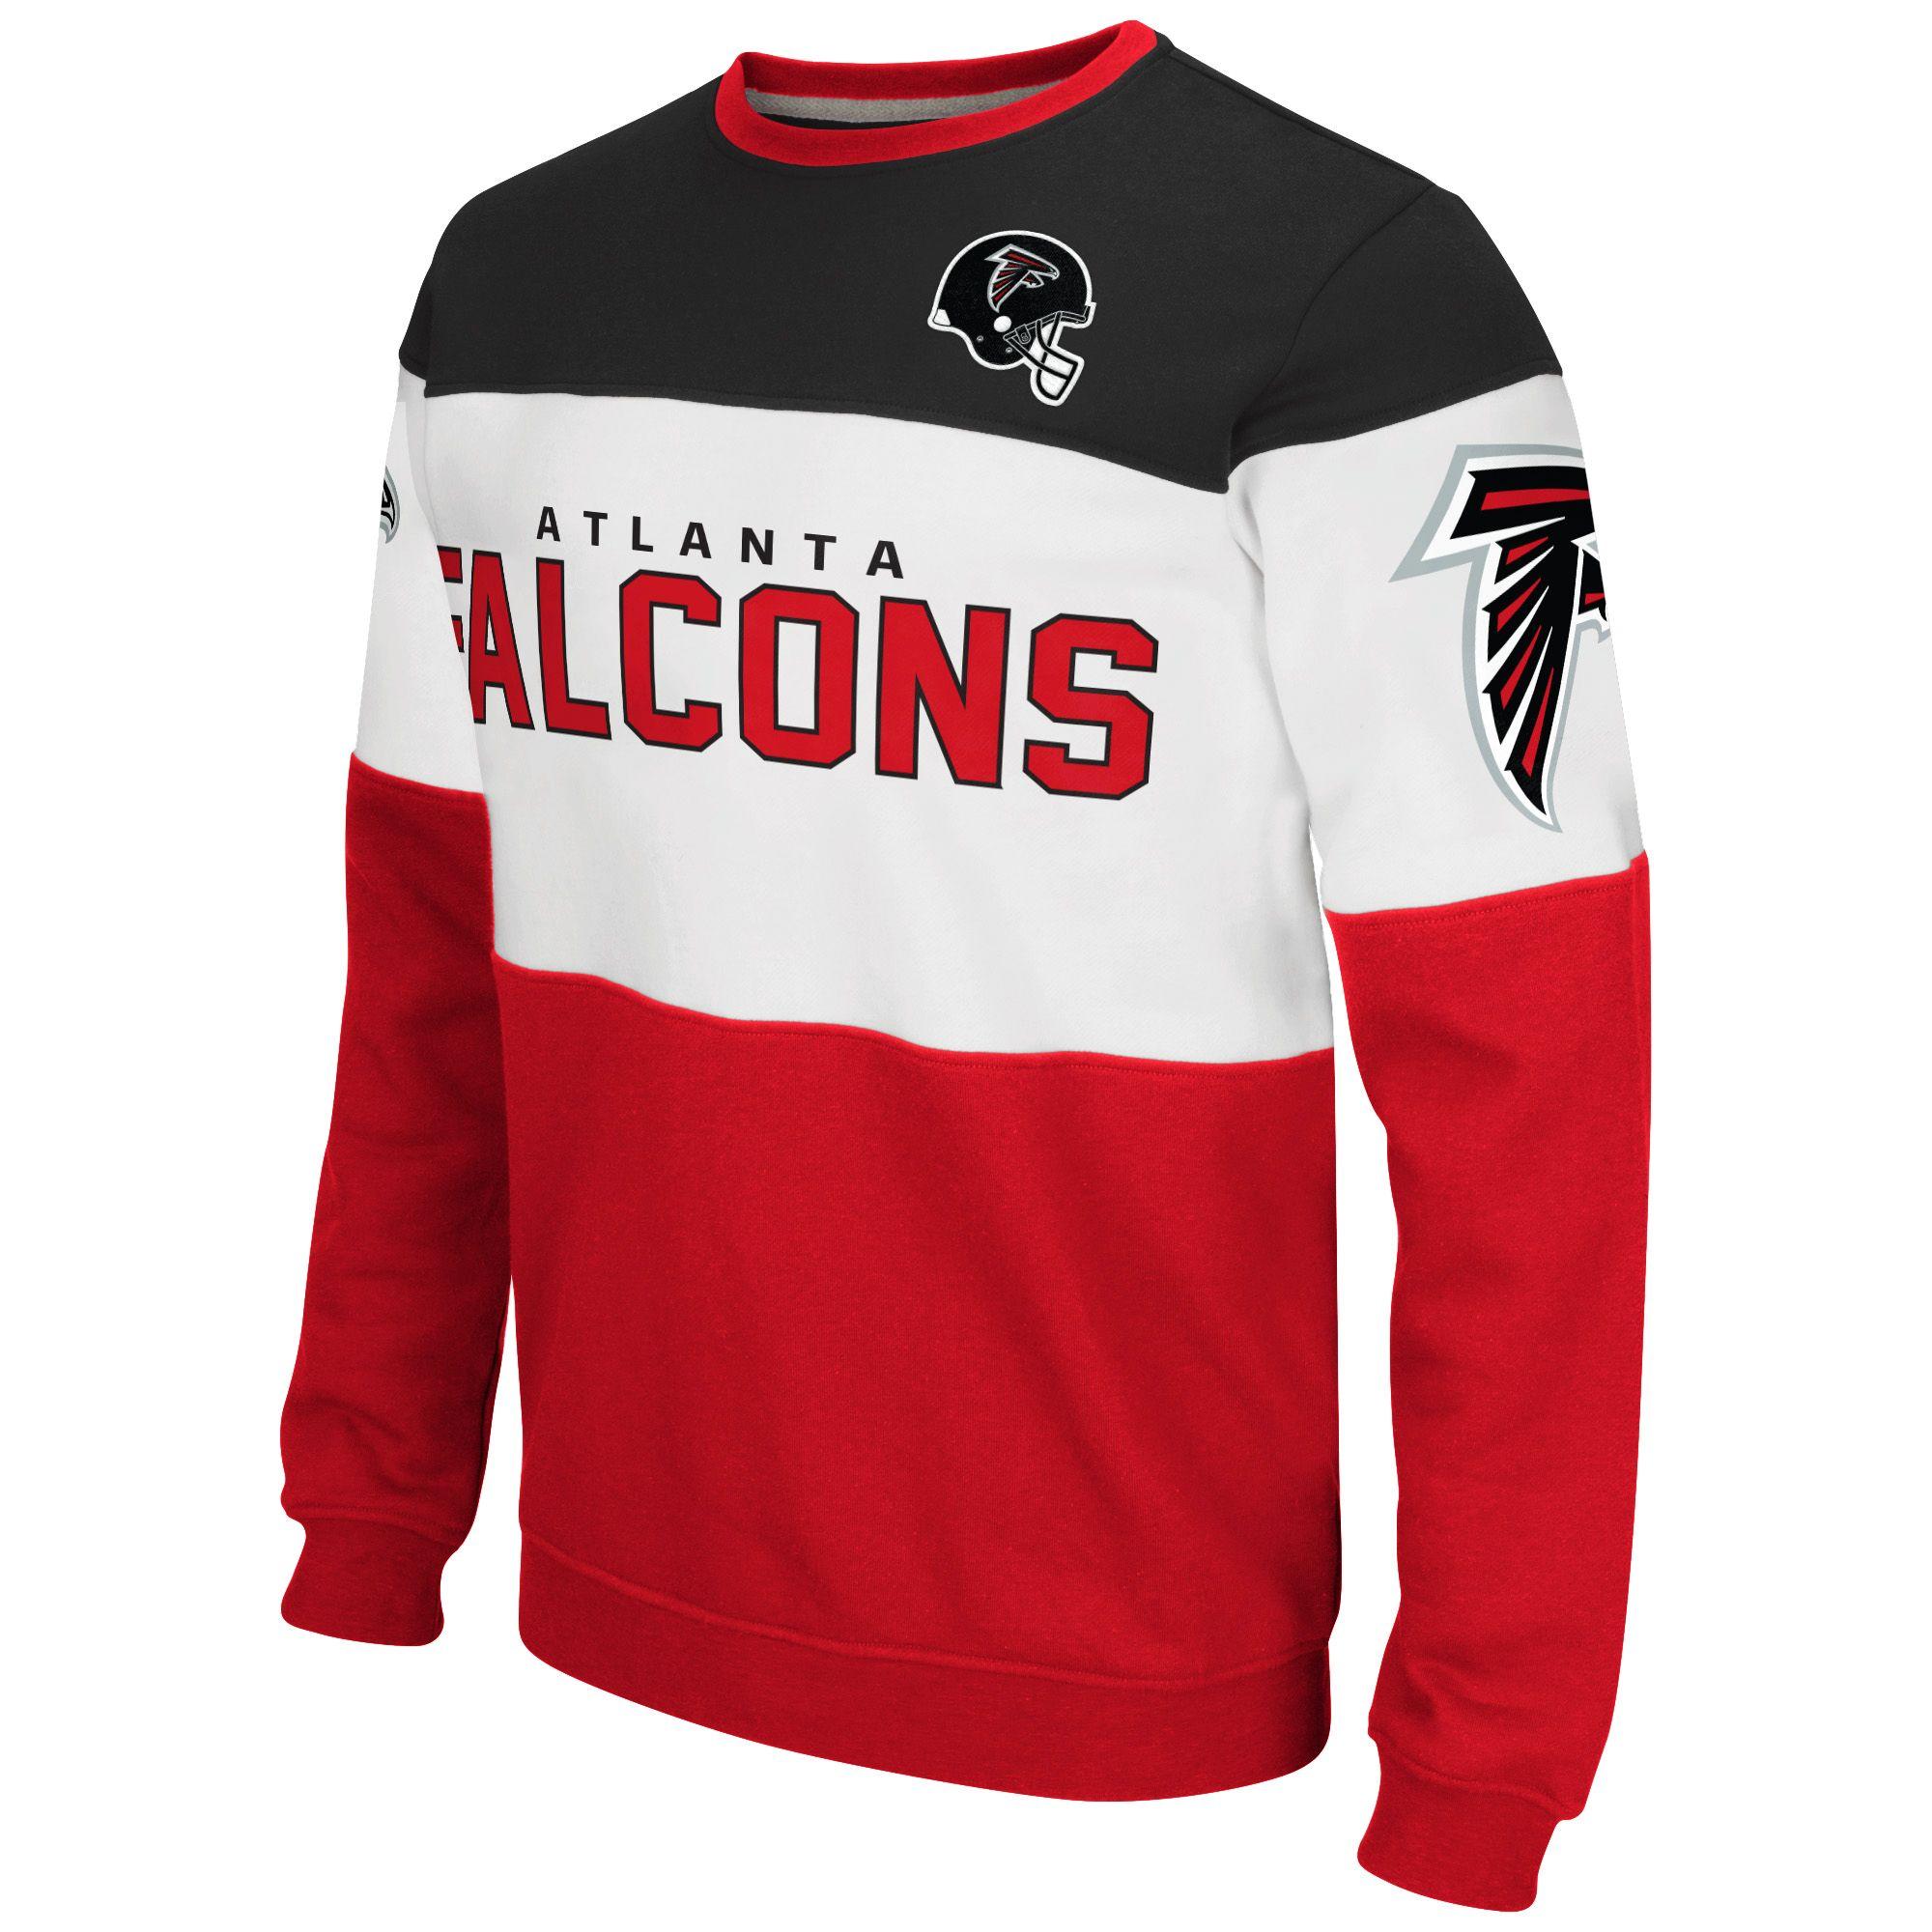 NFL Atlanta Falcons G III Extreme Supreme Fleece Sweatshirt Black